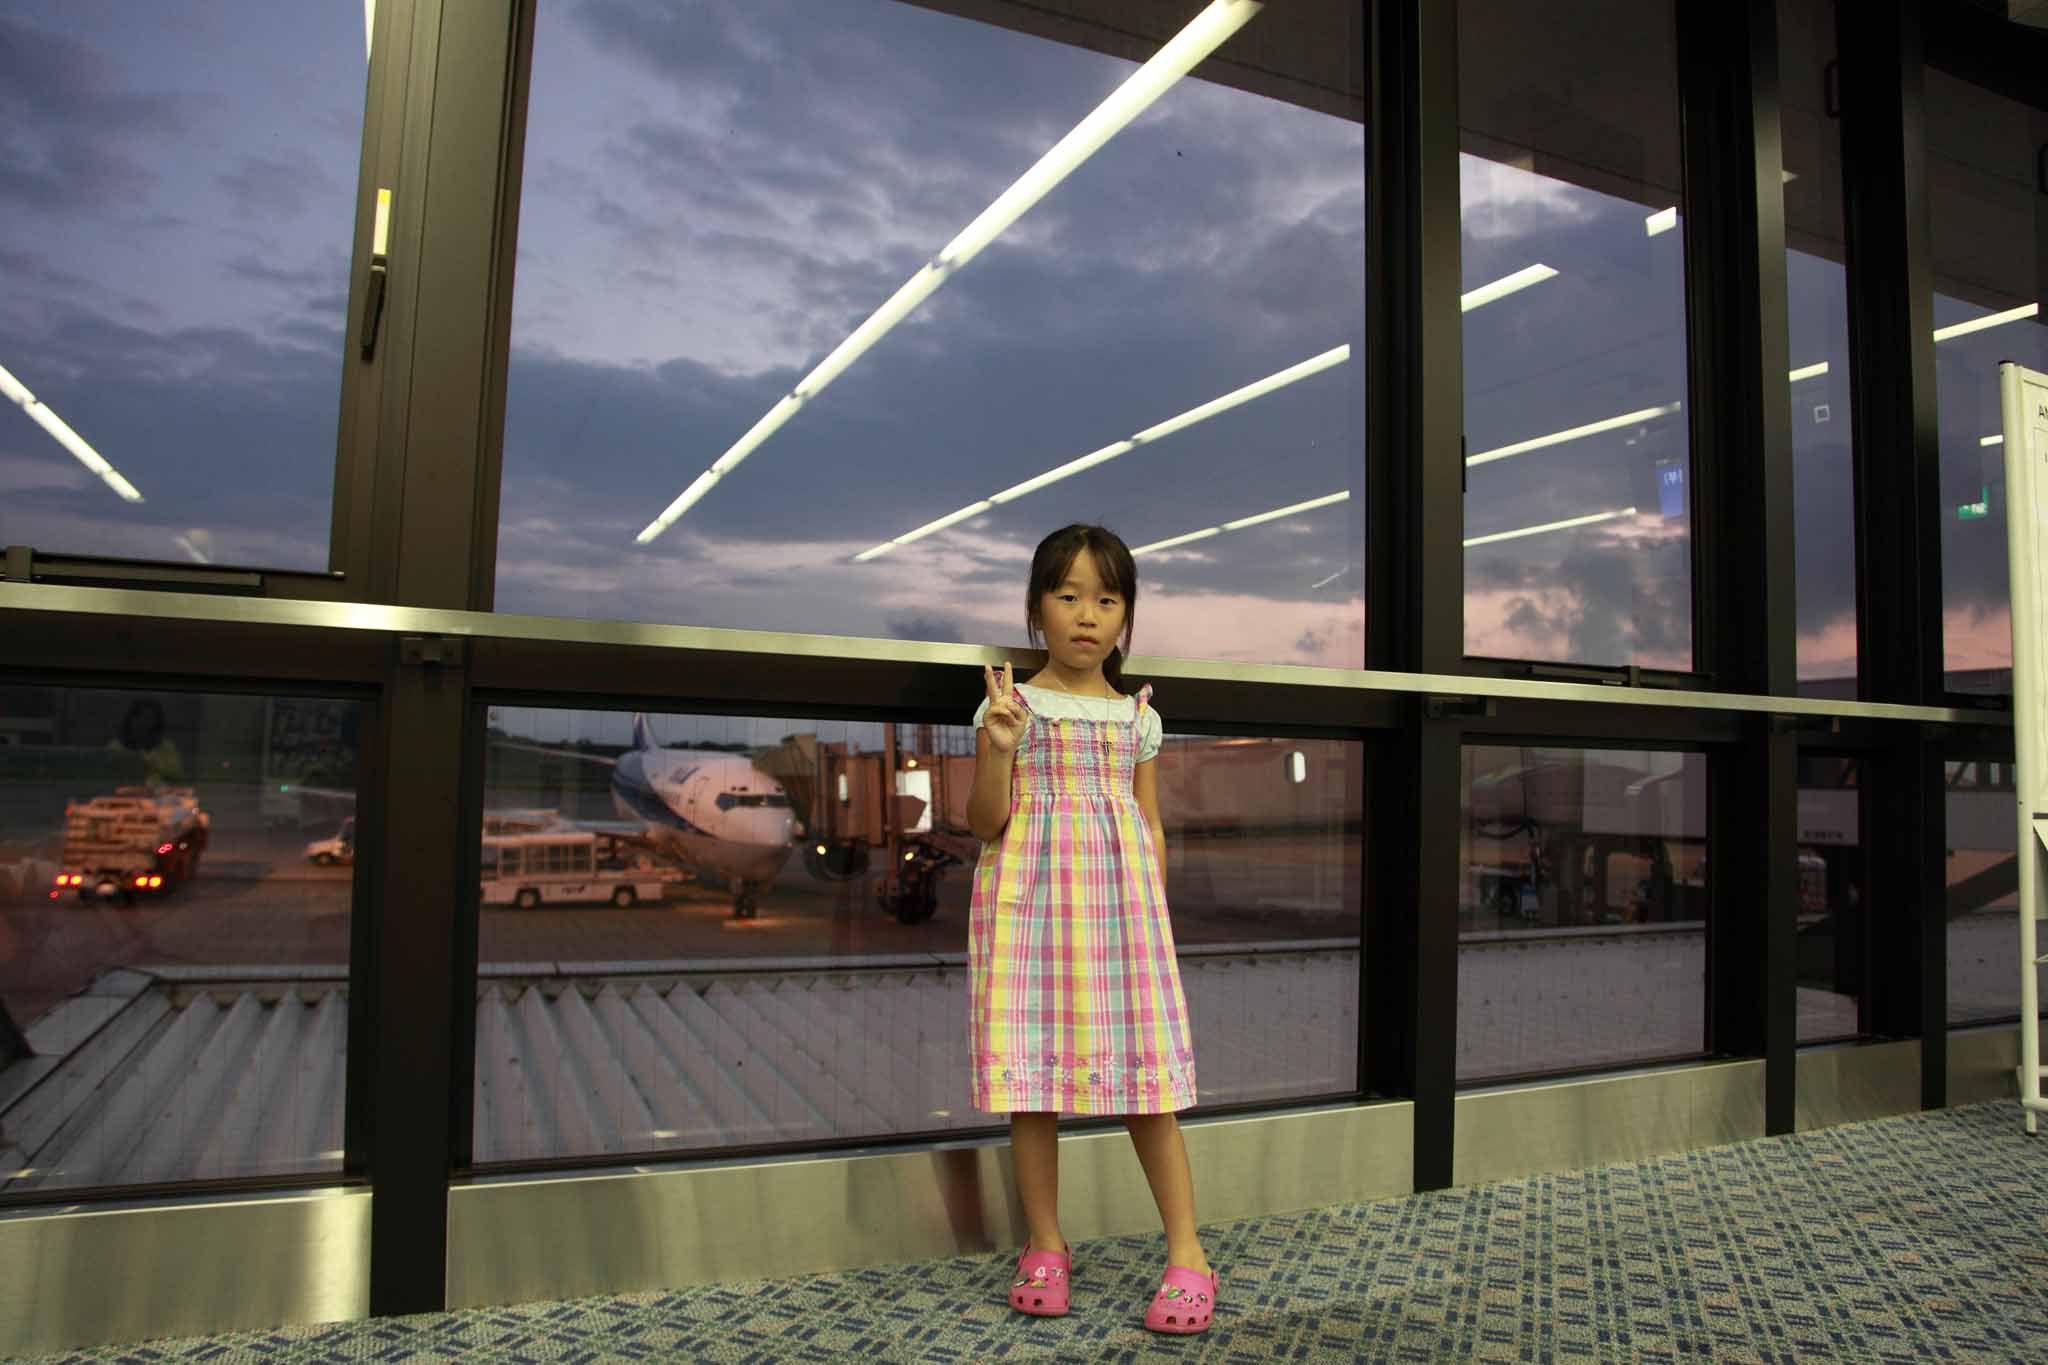 世界の空港ランキング~日本の空港は何位?